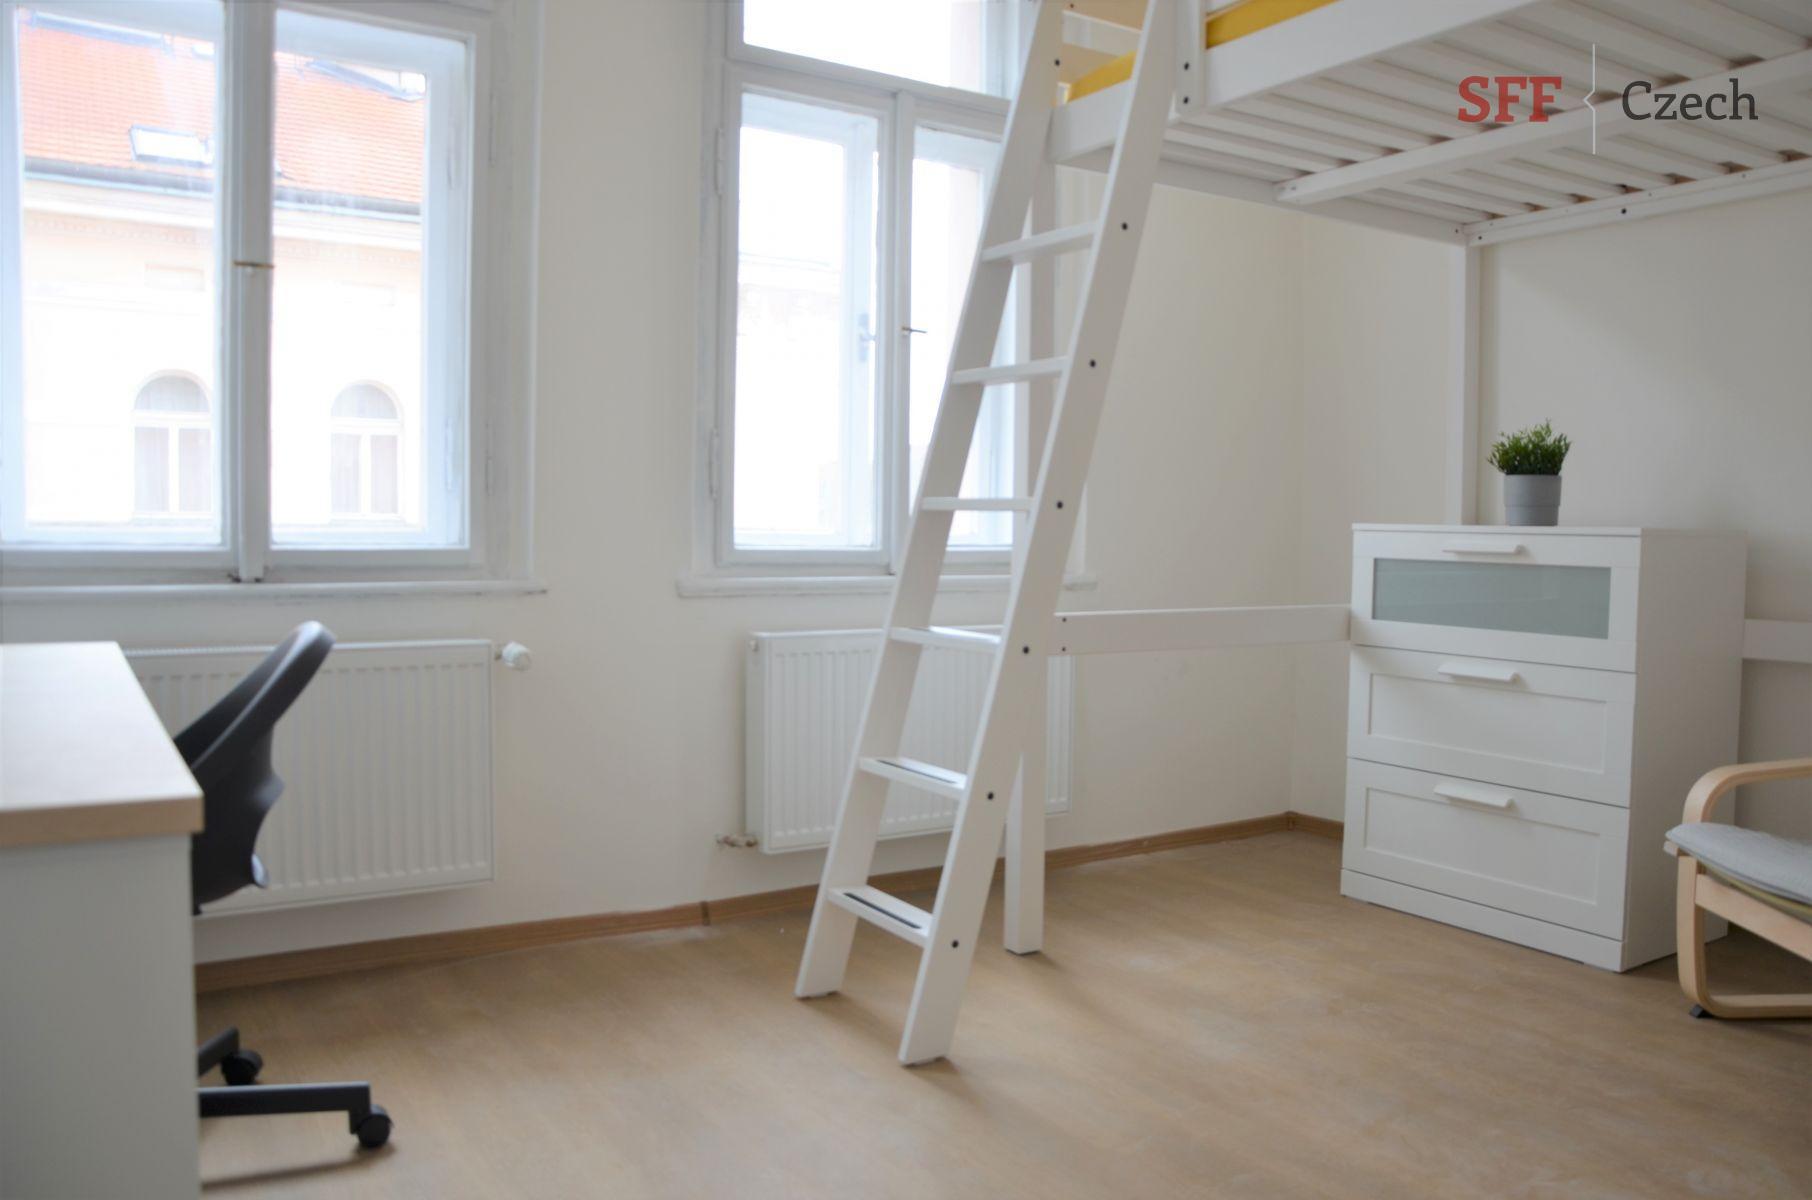 Pěkný zcela nový zařízený pokoj ve sdíleném bytě Praha 2 blízko náměstí I.P.Pavlova